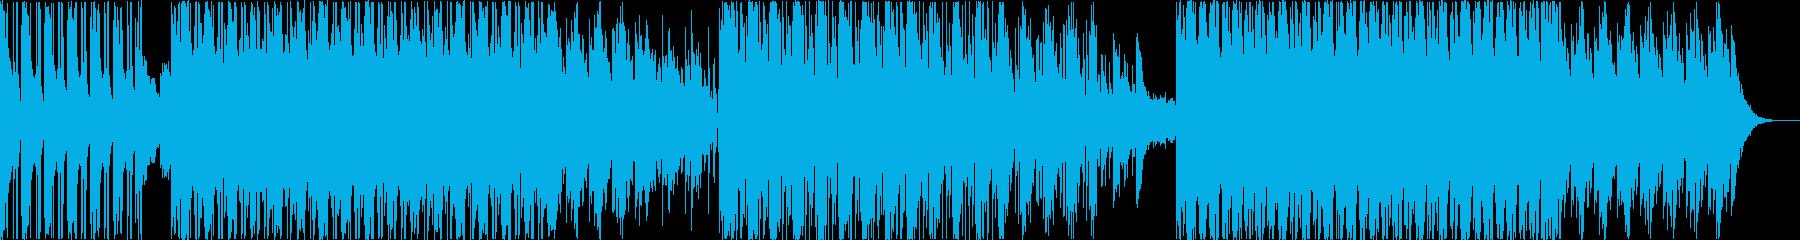 ダークな世界観のダブトラックの再生済みの波形